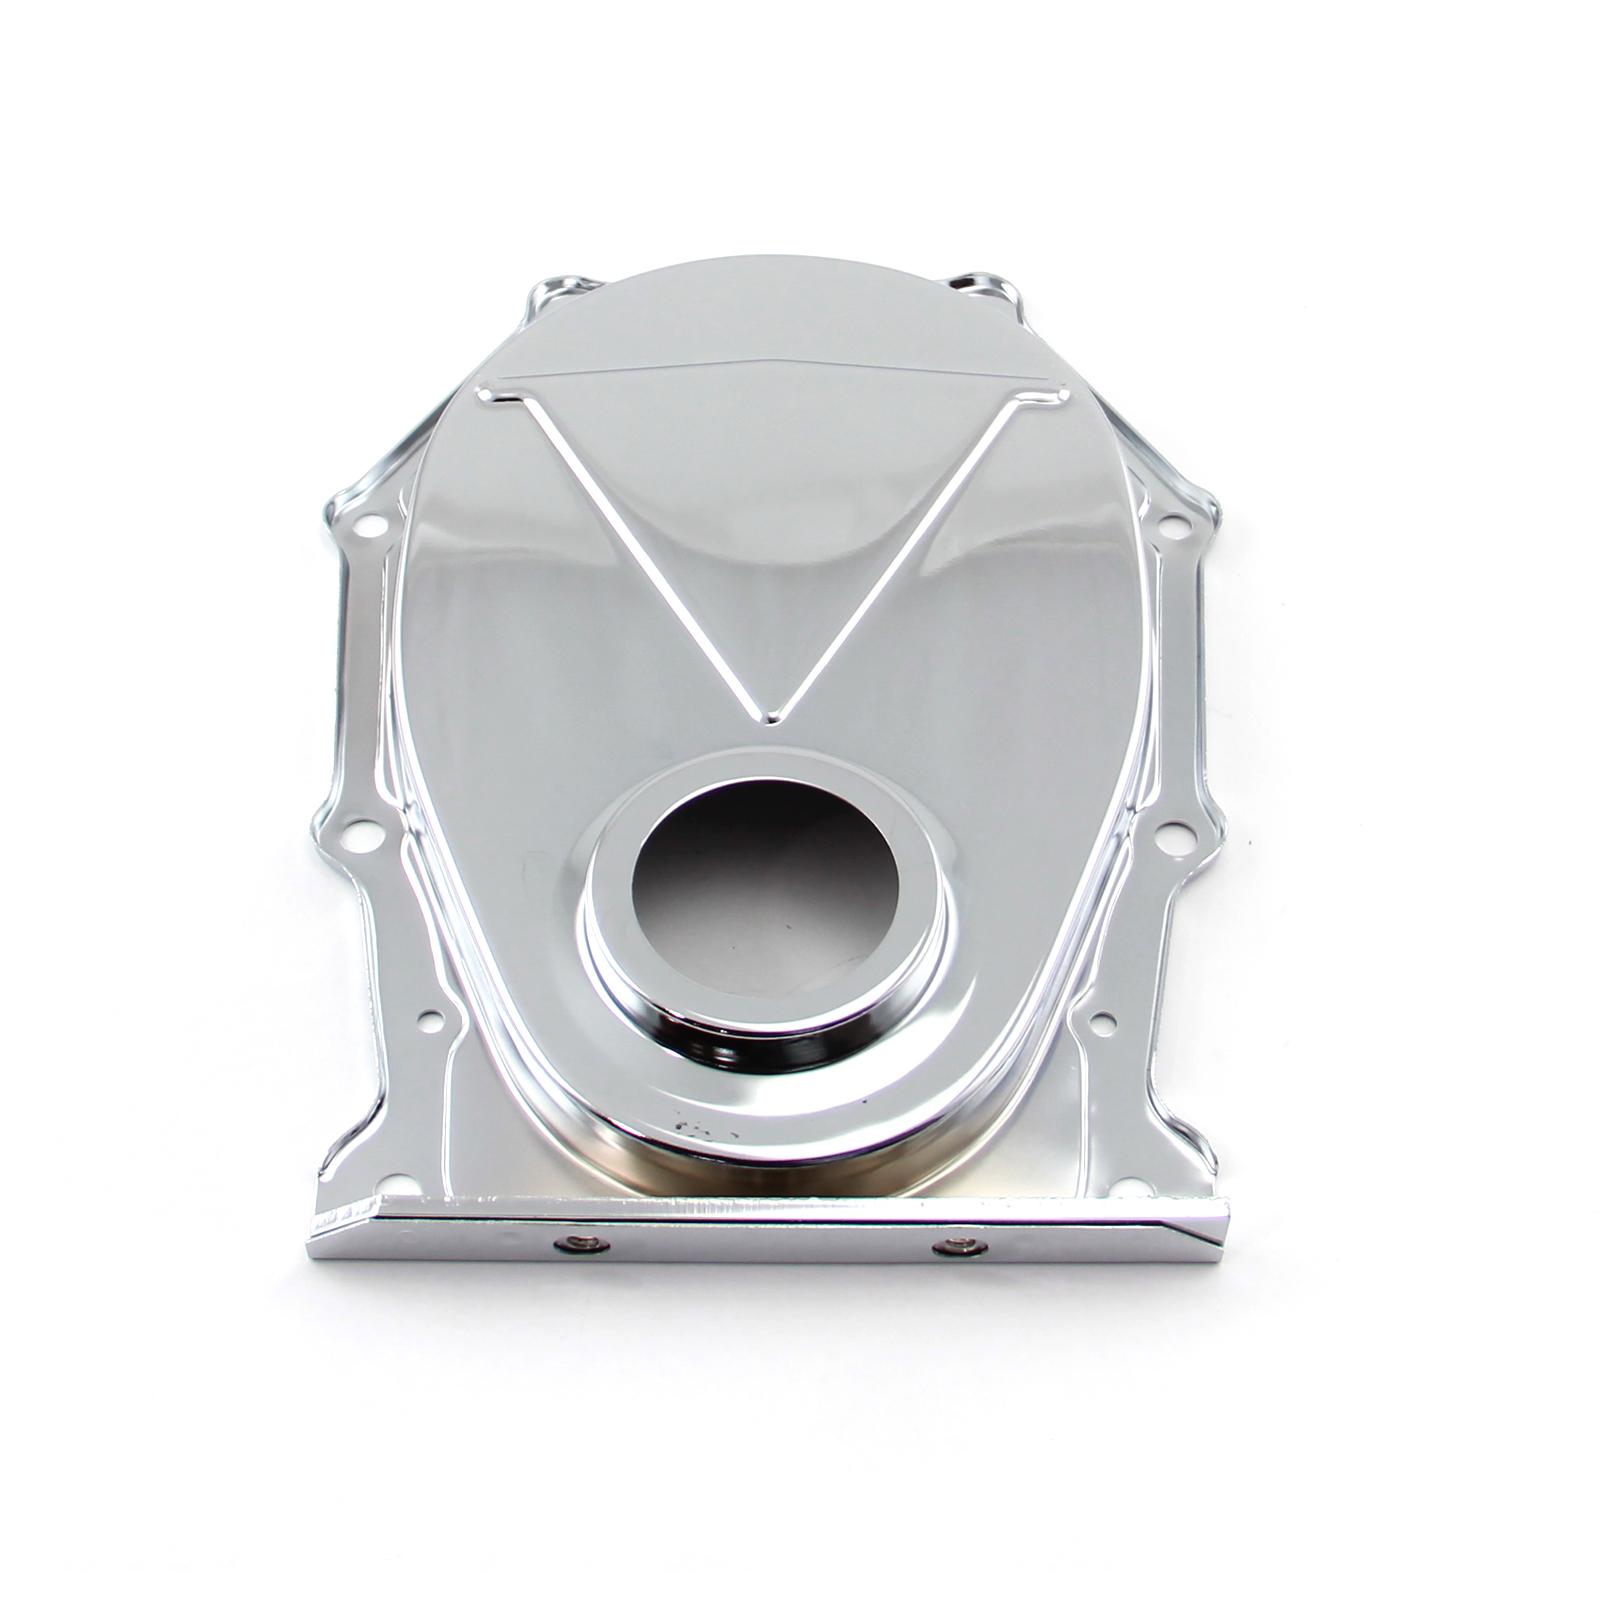 Mopar Chrysler BB 383 440 Steel Plated Timing Chain Cover Chrome